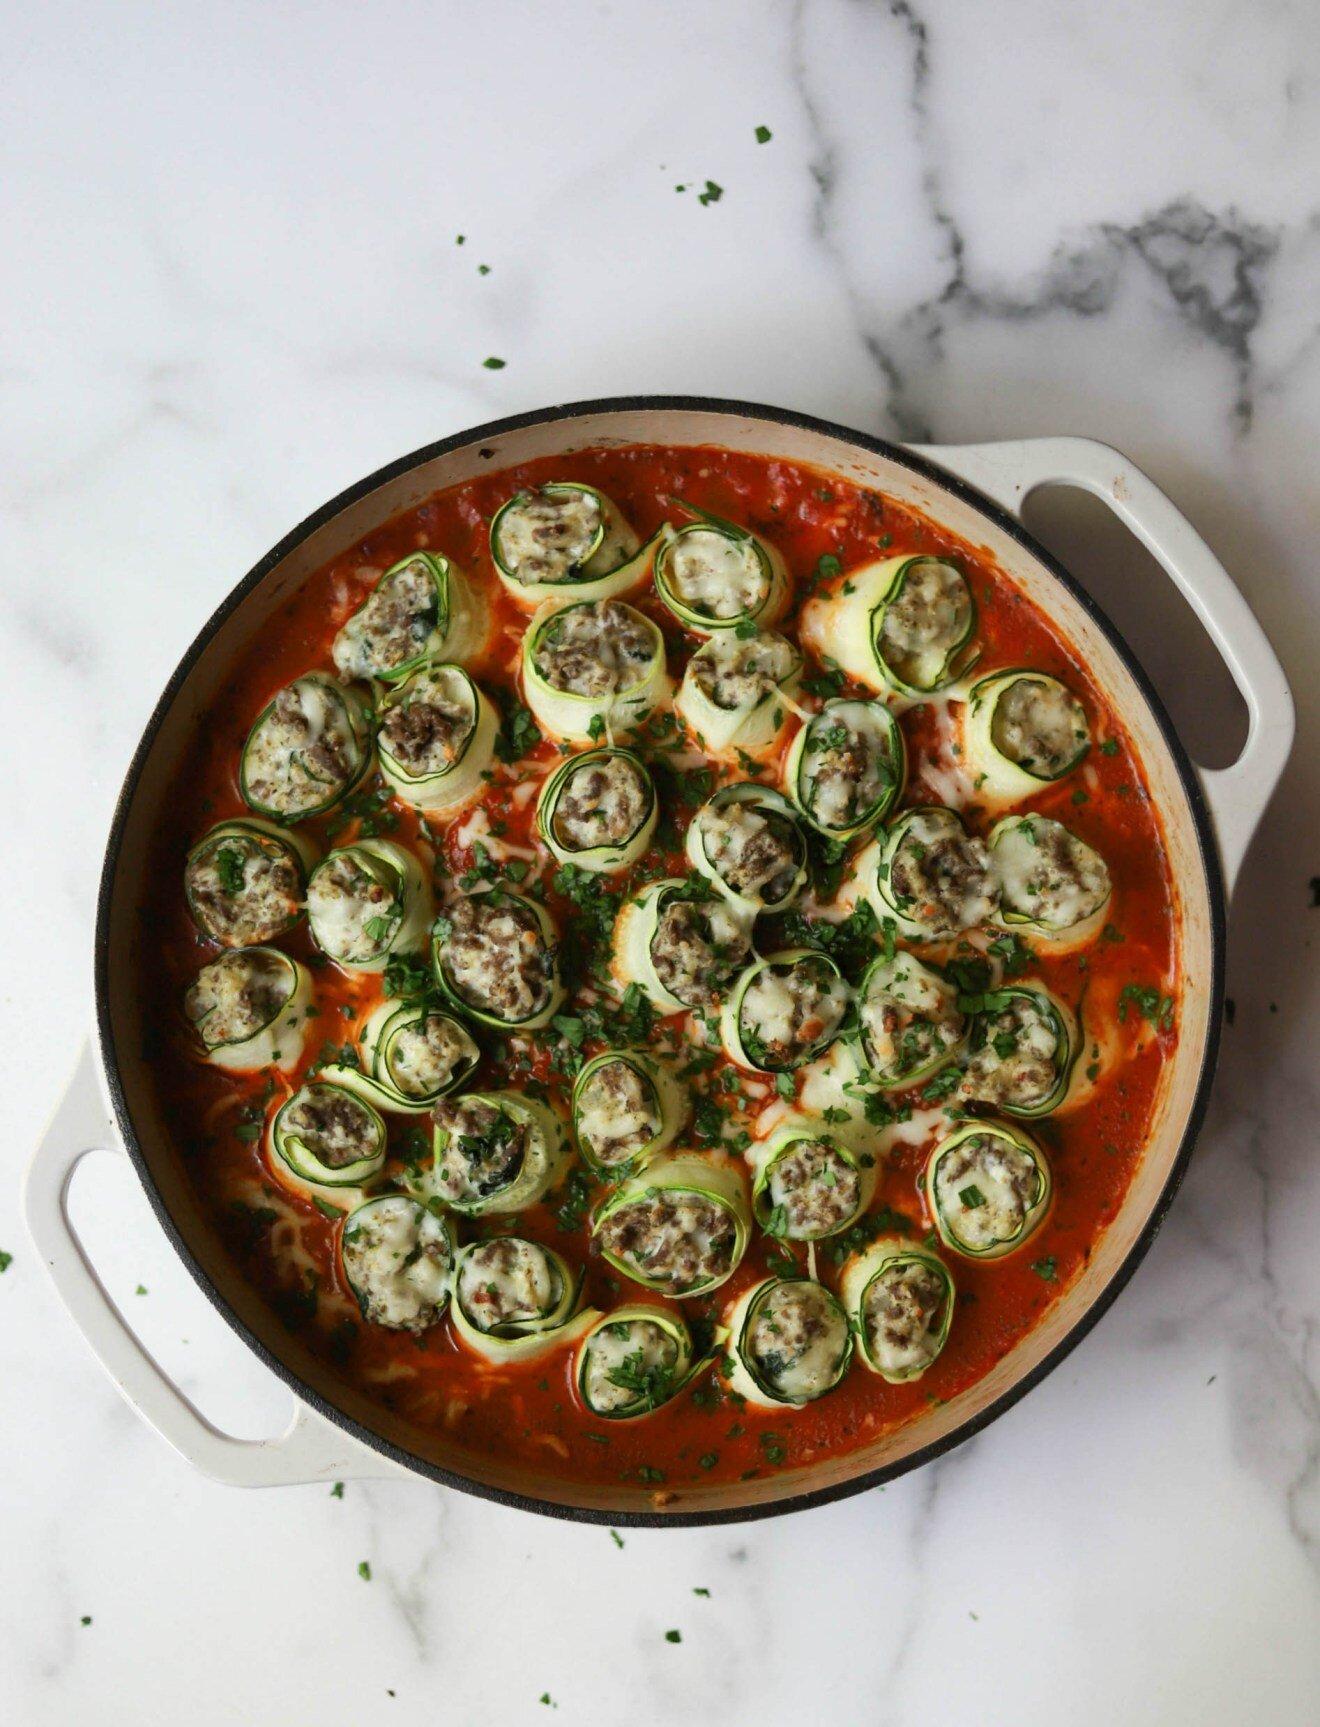 Ricotta-Beef-Zucchini-Roll-Ups-4-1.jpg